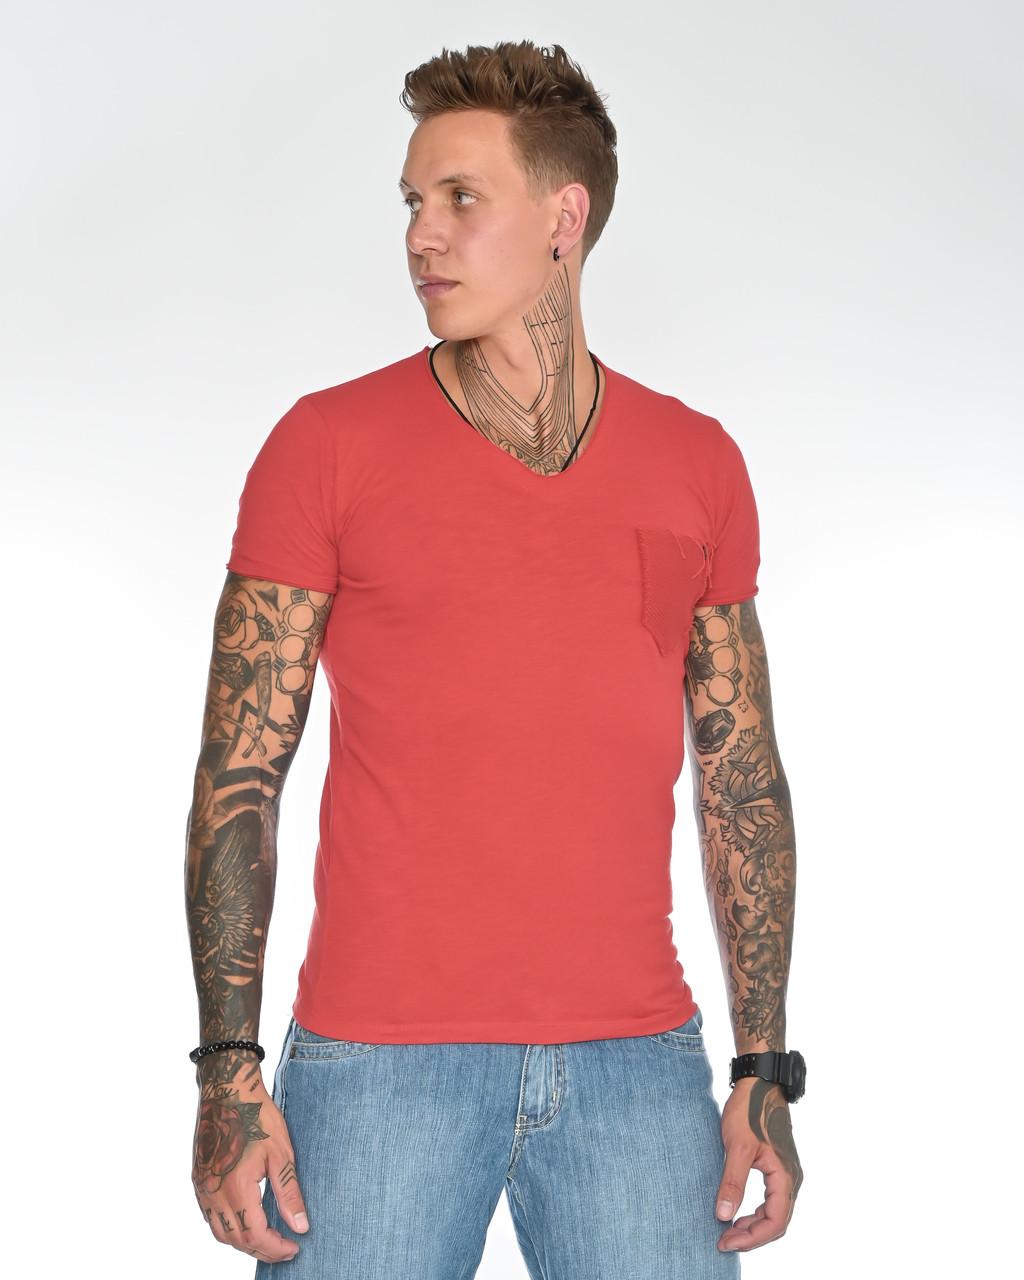 Мужская футболка Fabregas 8015 красная